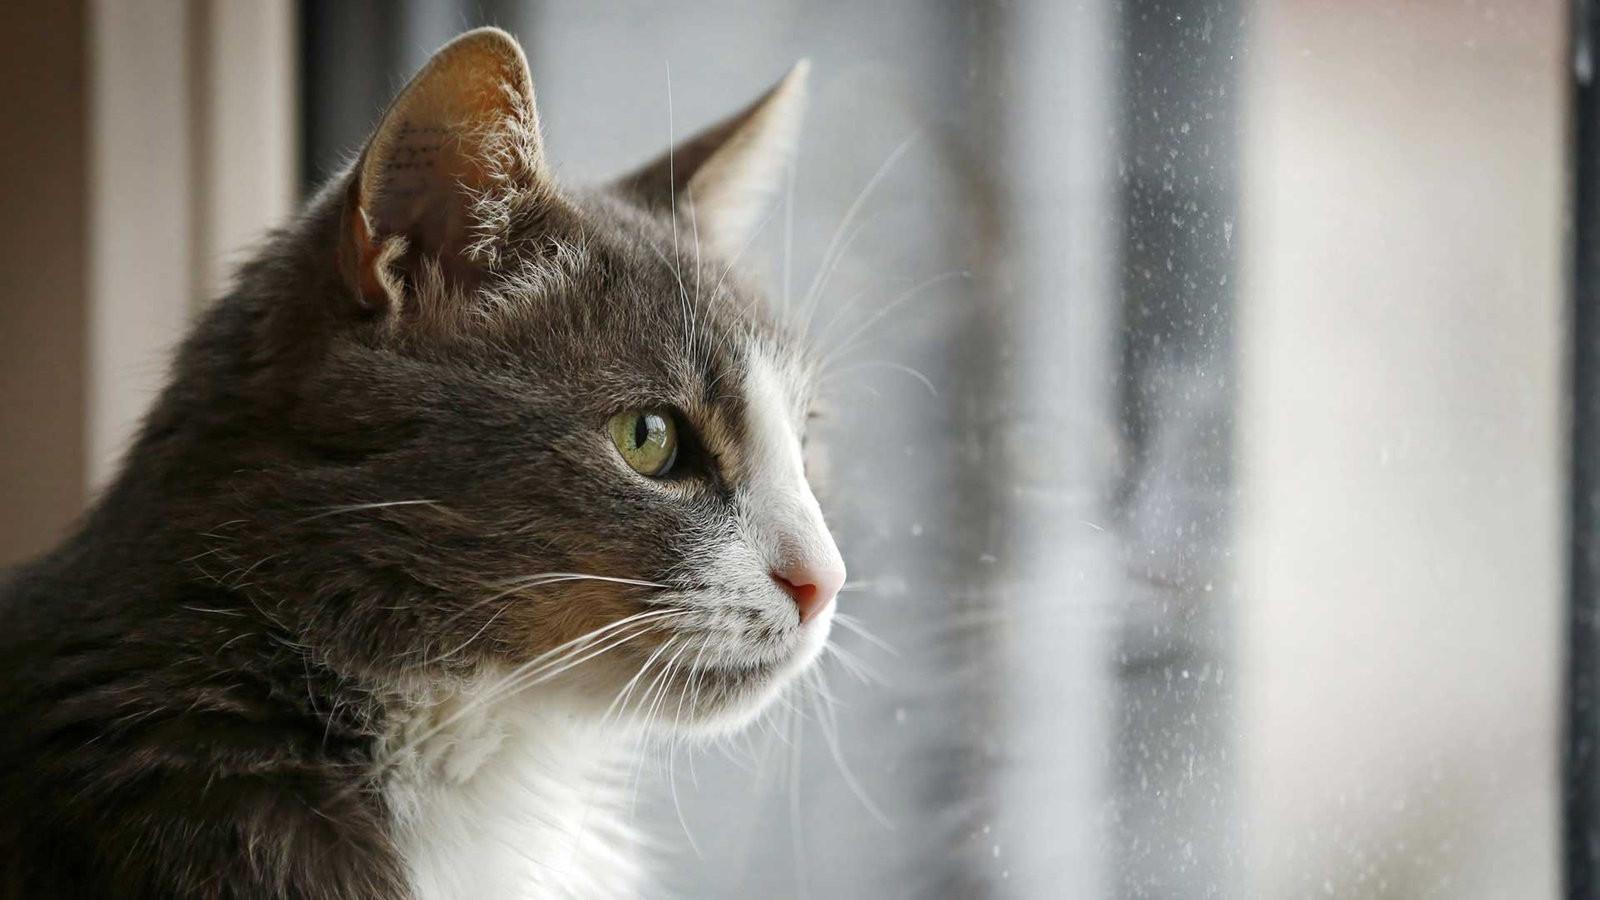 Tiere Suchen Ein Zu Hause  Verhaltensauffällige Katzen Tiere suchen ein Zuhause